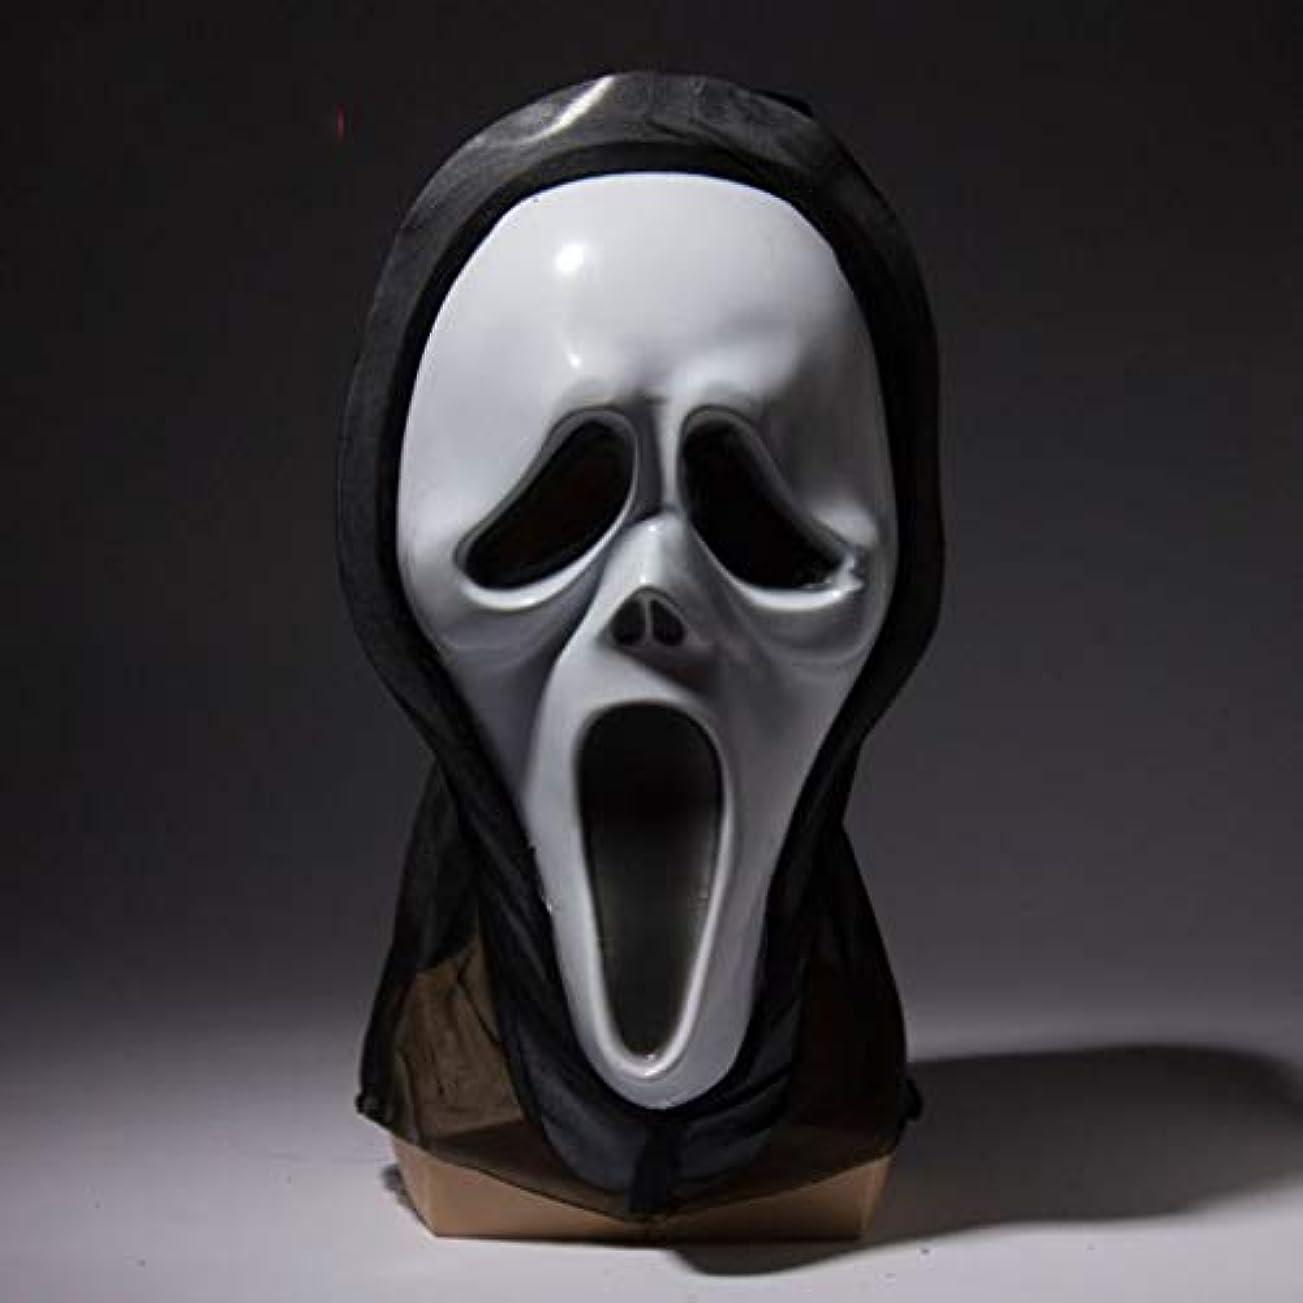 拾うカニ福祉ハロウィーン悲鳴悪魔ホラーマスクしかめっ面怖いゾンビヘッドギア大人ゴーストフェスティバルボールマスク